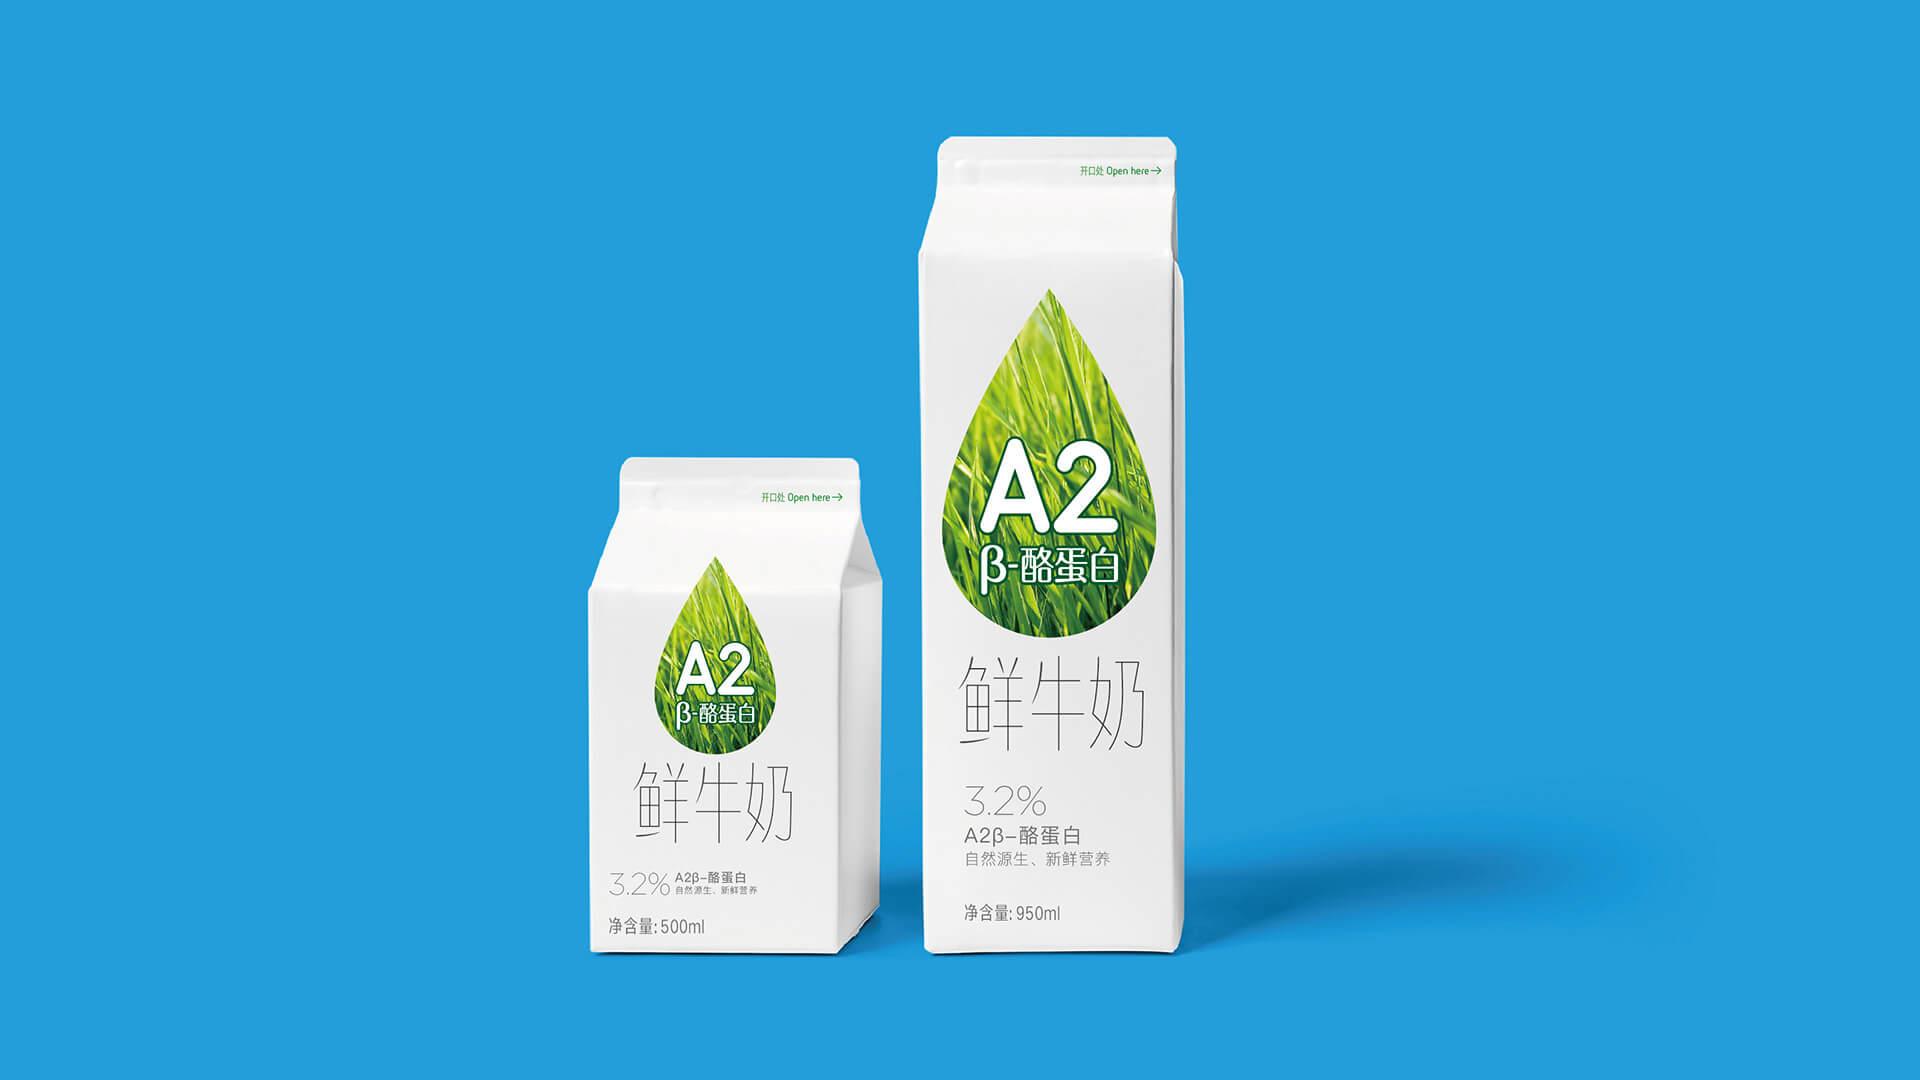 A2鲜牛奶包装设计